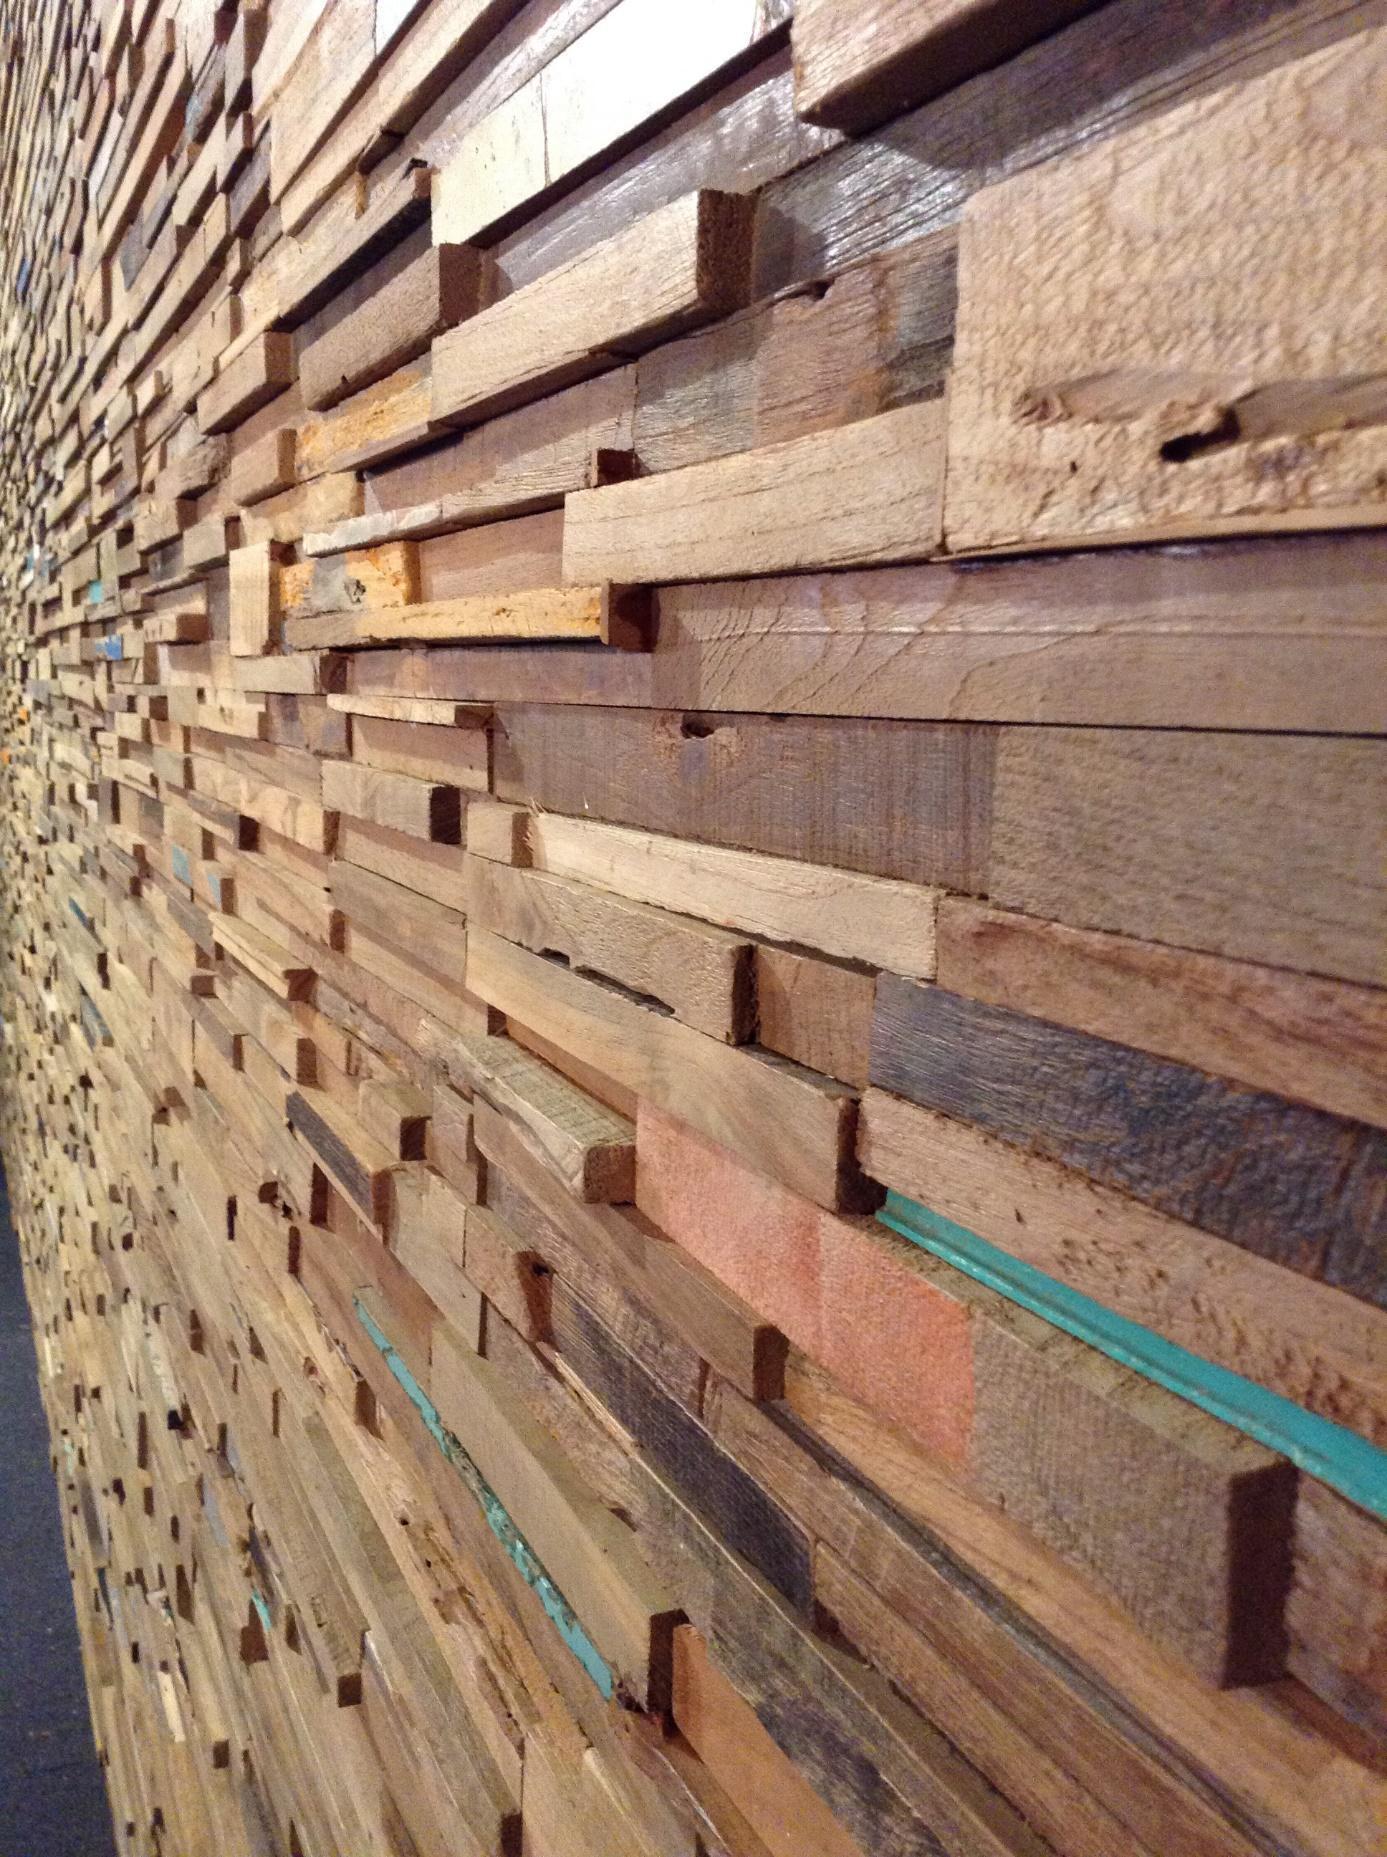 Wandbekleding in hout sd schrijnwerkerij sd schrijnwerkerij - Interieur gevelbekleding houten ...